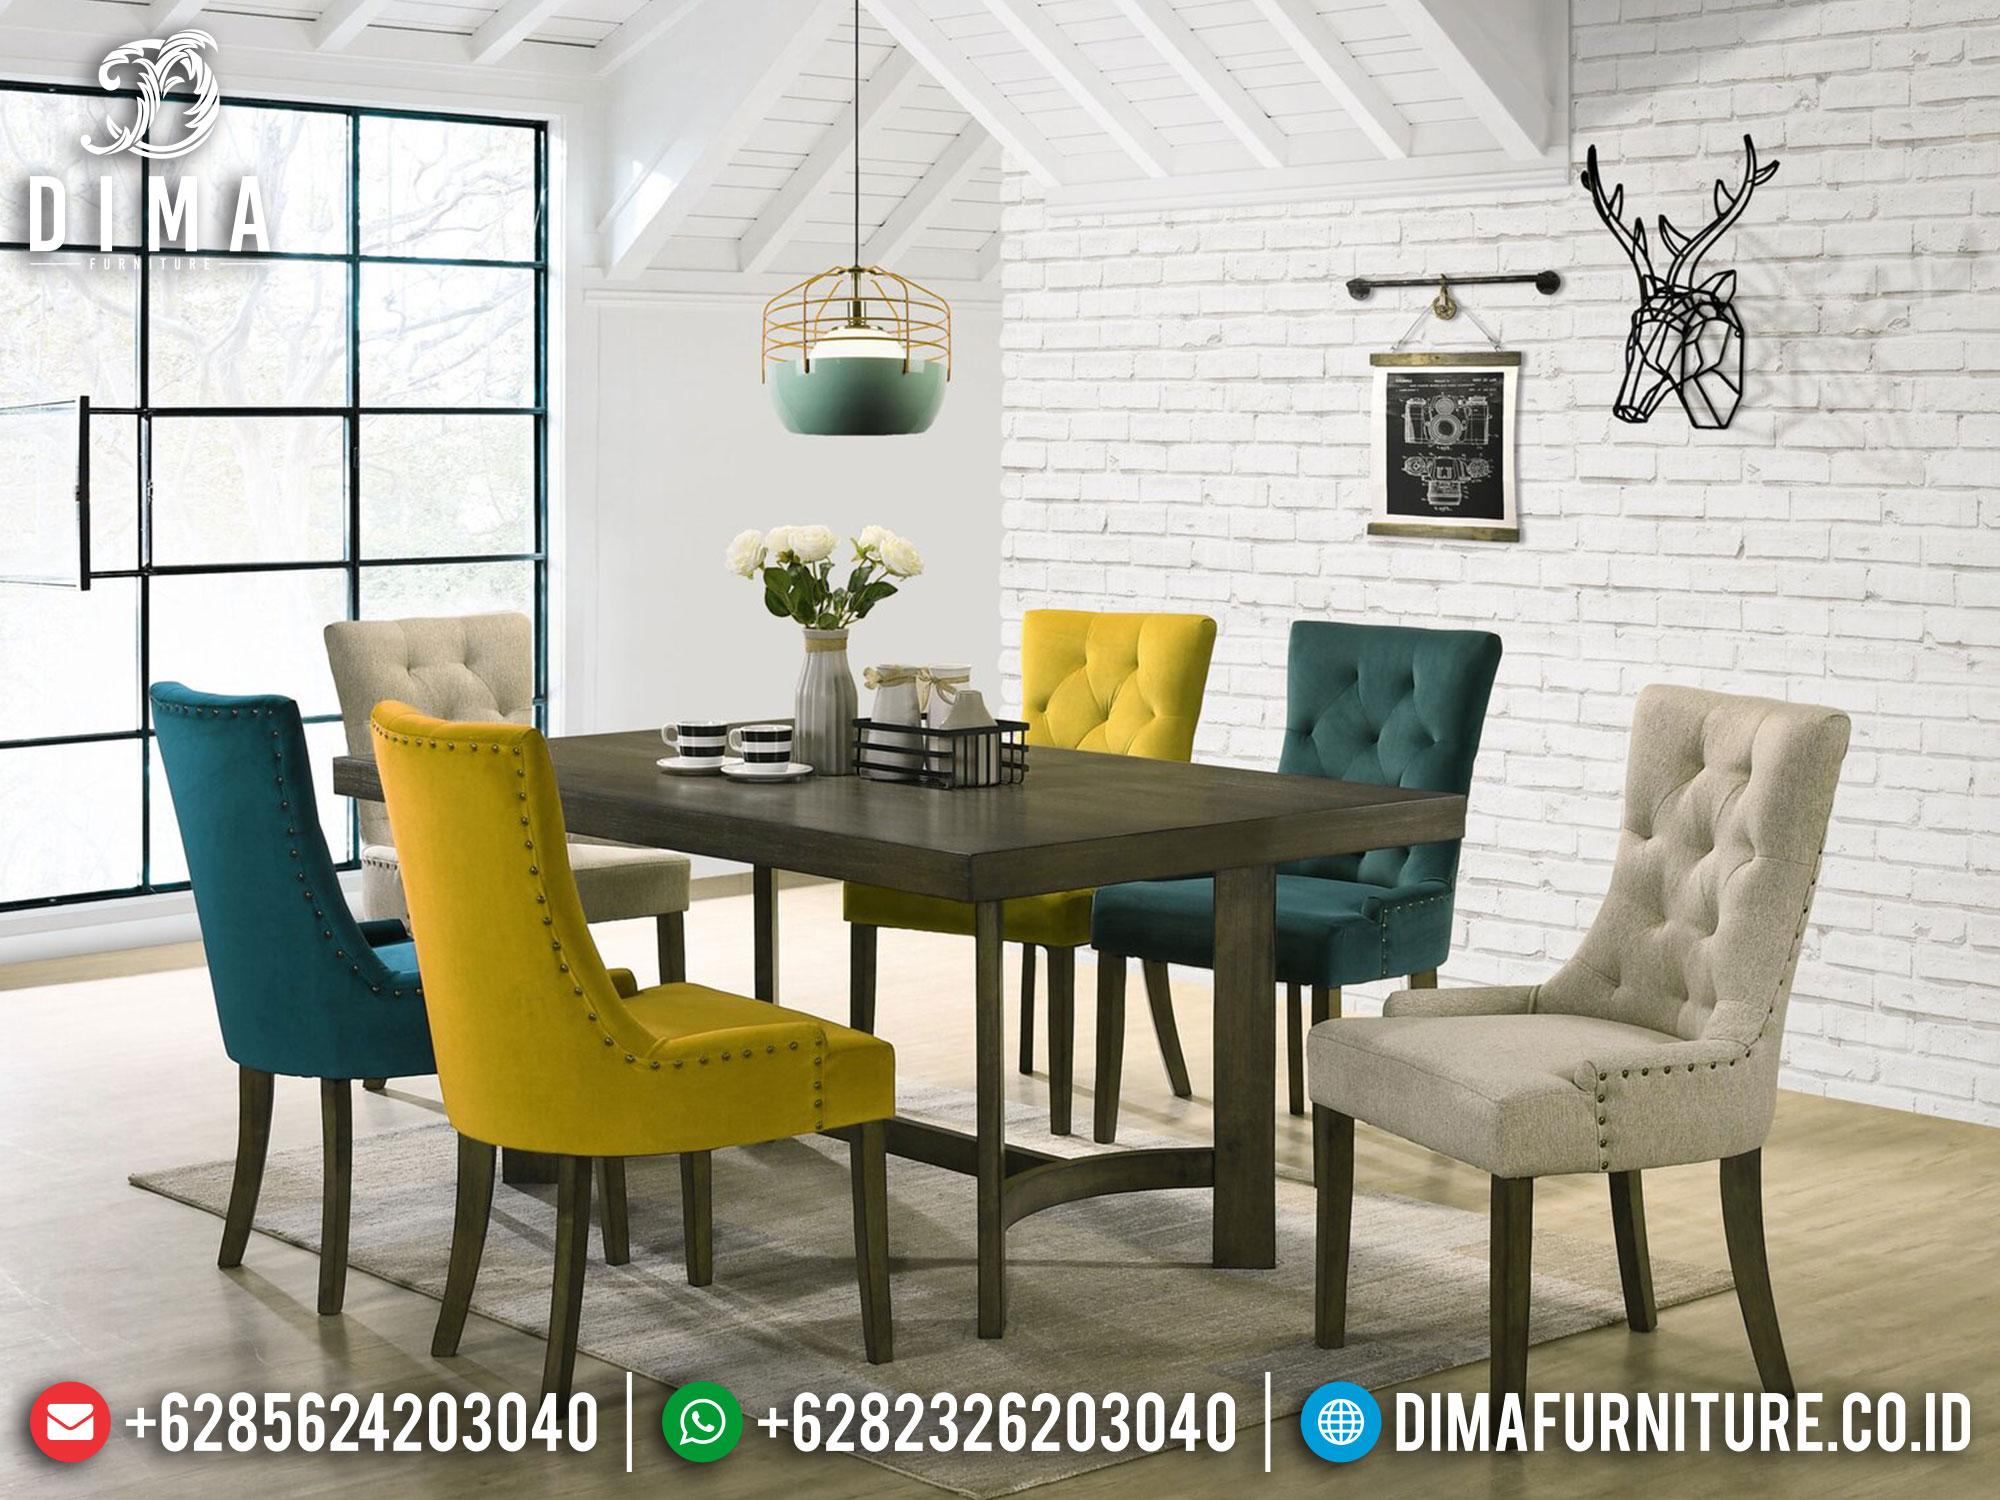 New Meja Makan Minimalis Jati Natural Salak Brown Furniture Jepara Classic Mm-1064